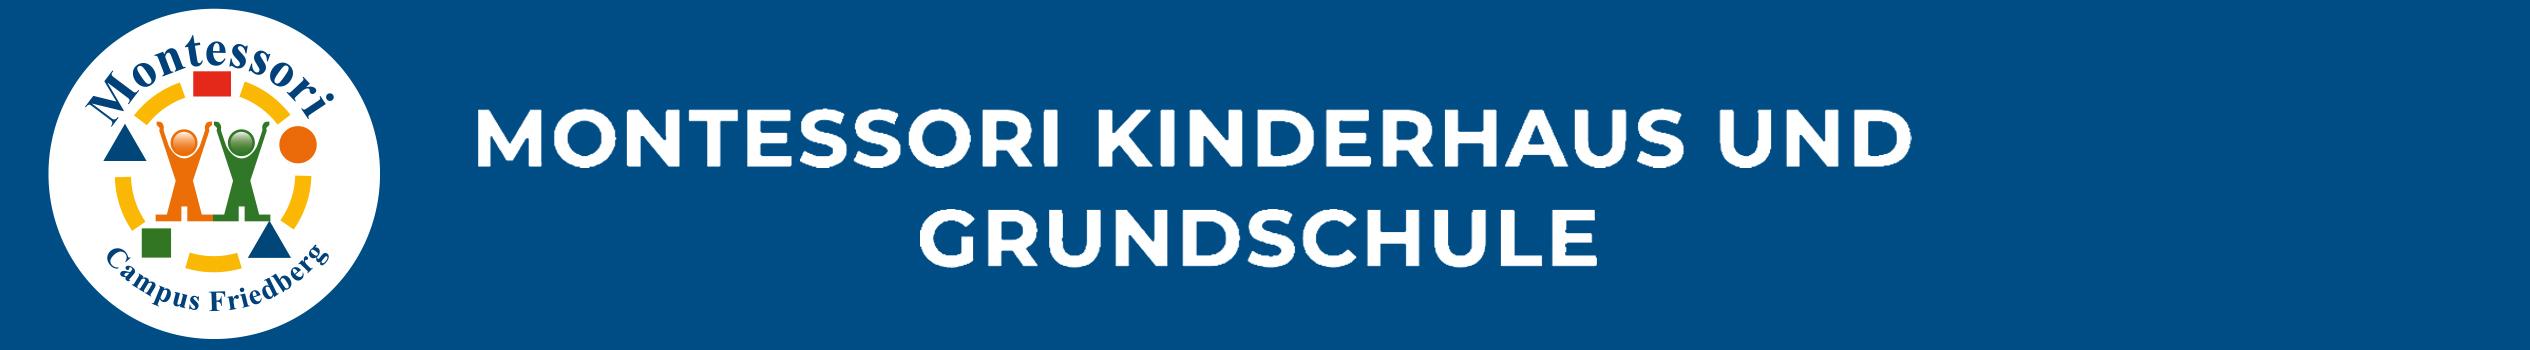 Montessori Kinderhaus und Grundschule Friedberg